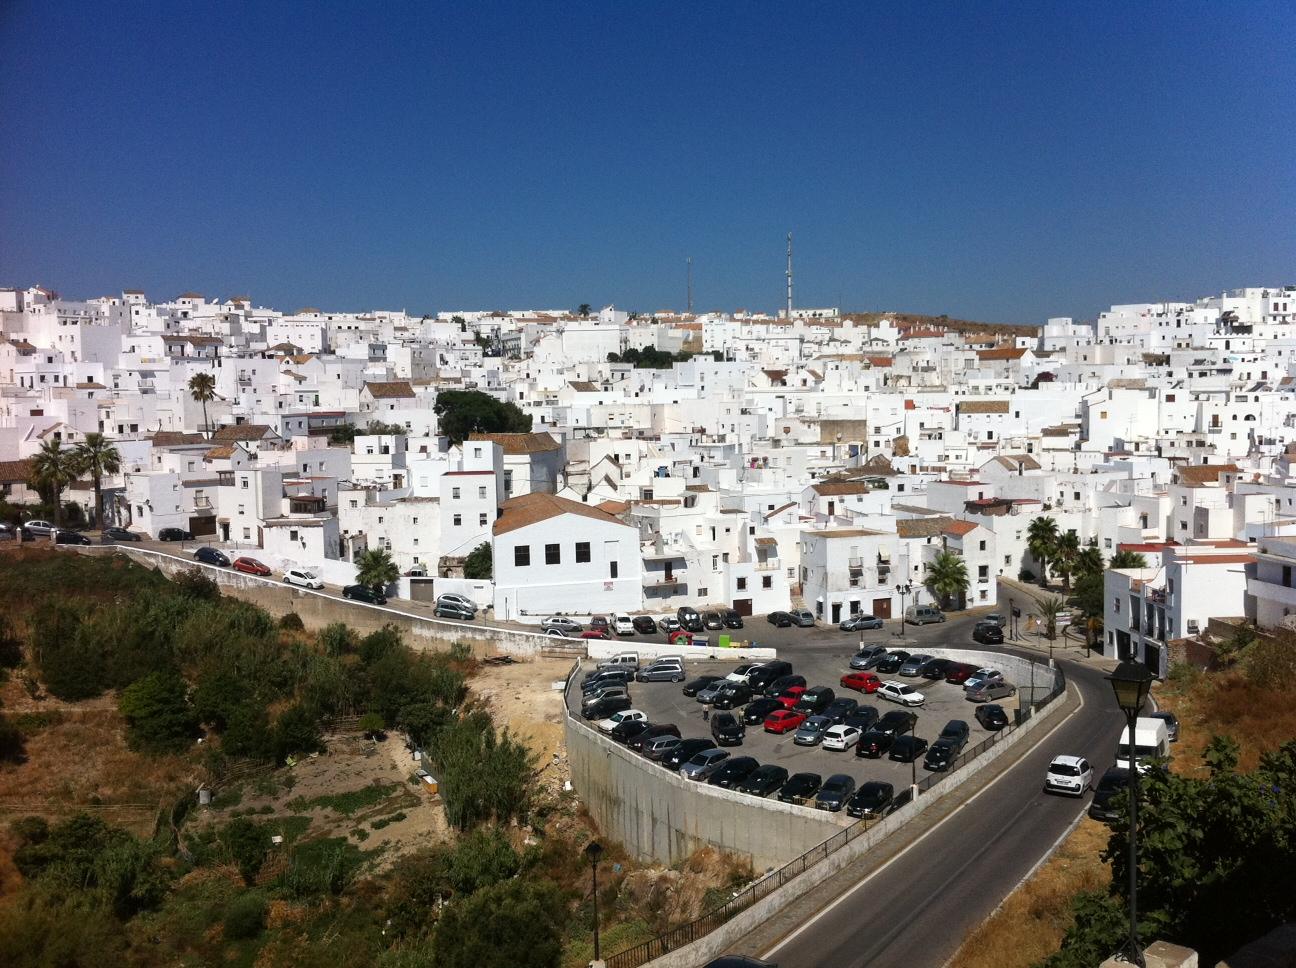 Baños Arabes Vejer De La Frontera:Vejer de la Frontera, el mejor estilo árabe de Andalucía